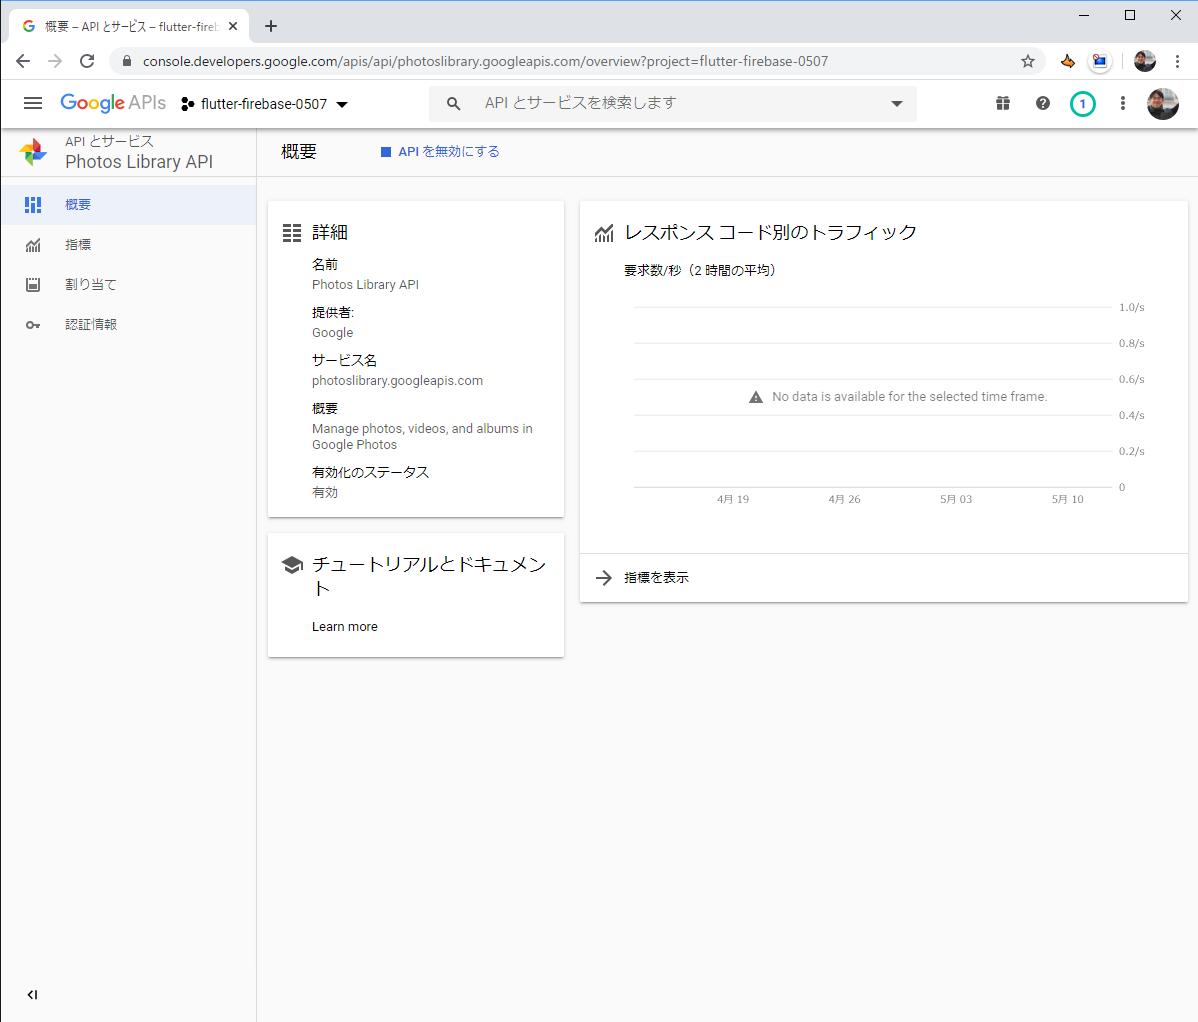 API とサービス - flutter-firebase-0507 - Google API コンソール - Google Chrome 2020_05_12 18_41_25.png